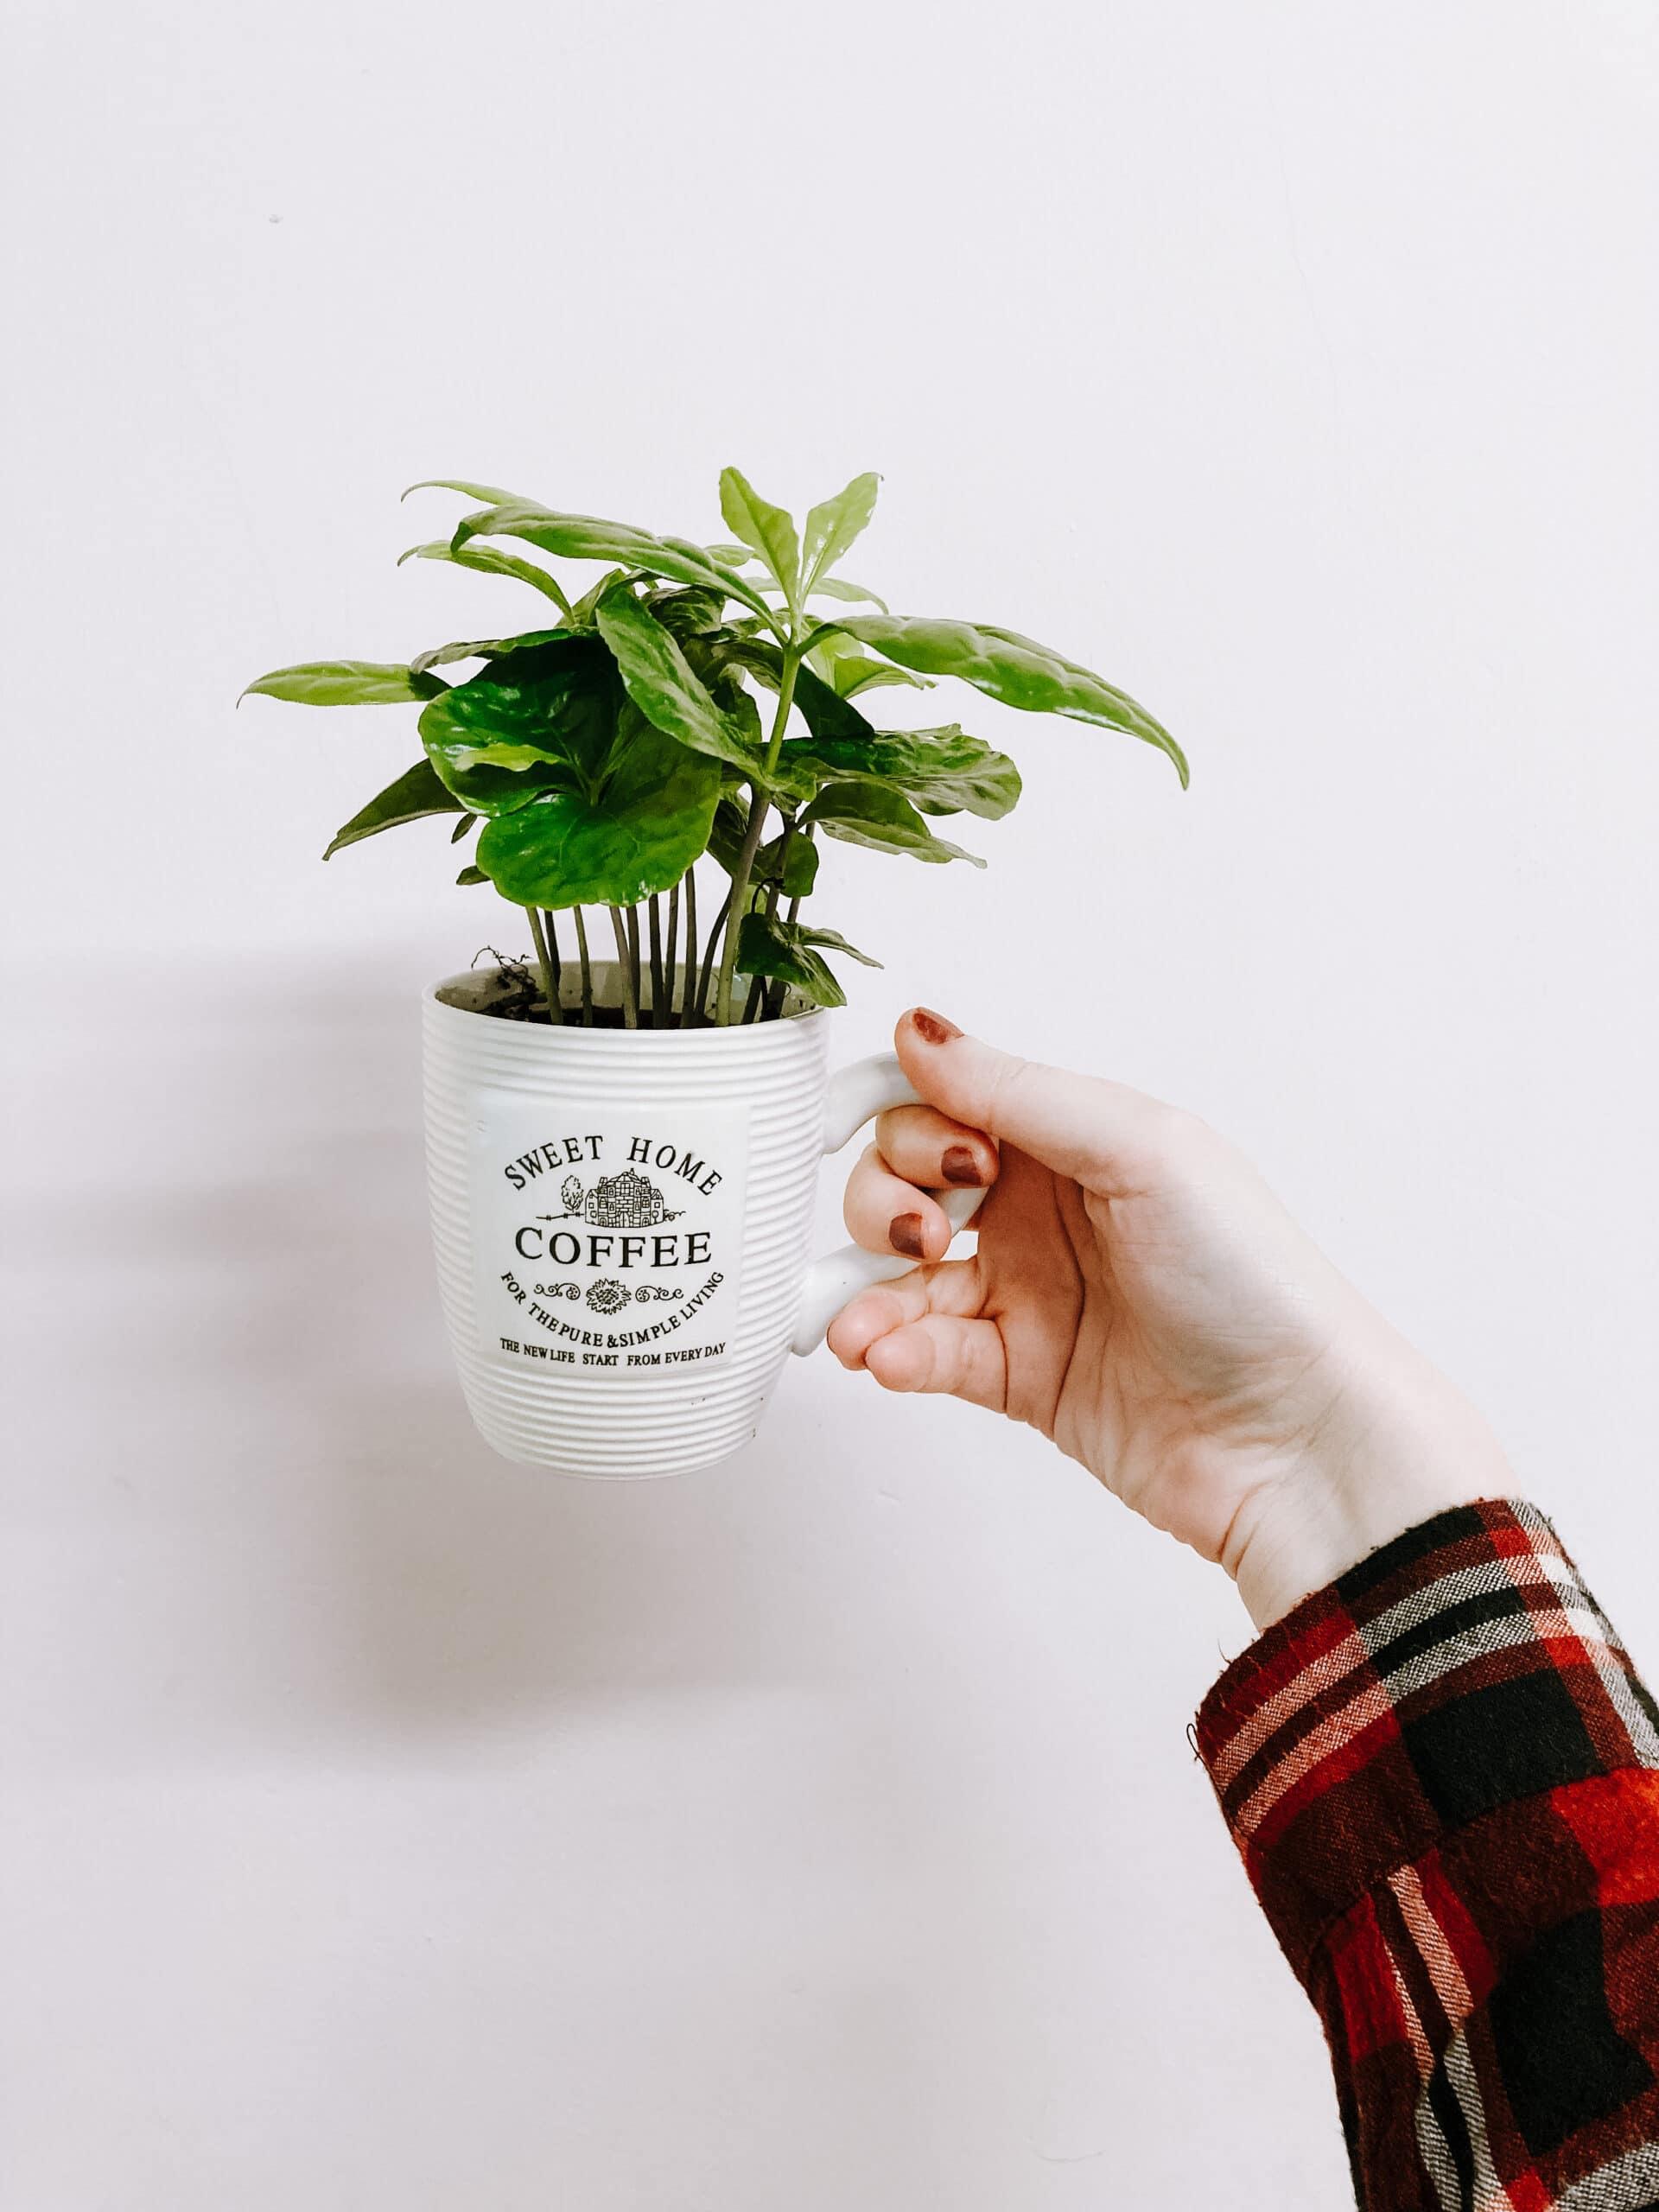 Quels avantages d'un mur végétal en entreprise ?